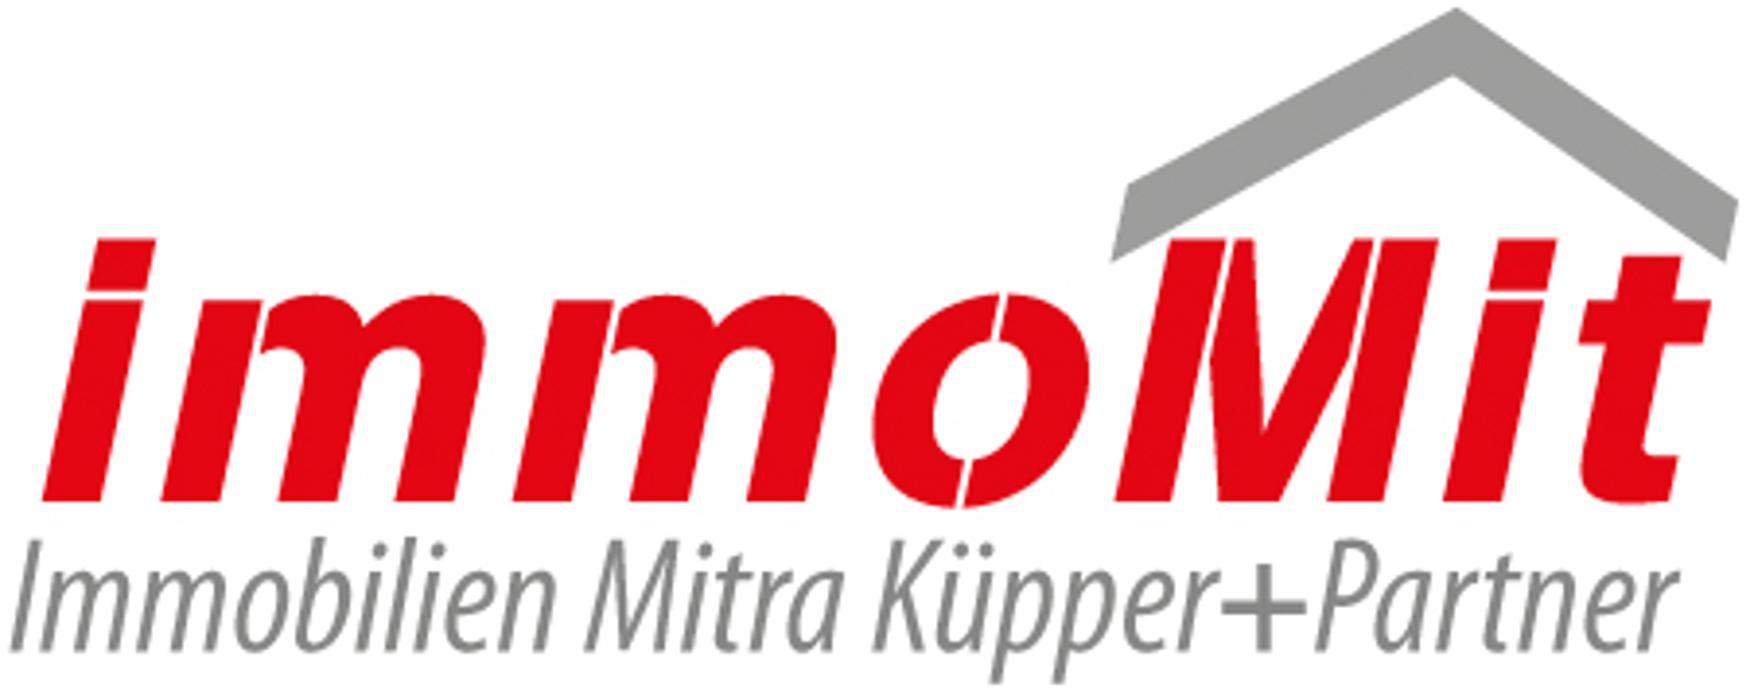 Bild zu immoMit, Immobilien Mitra Küpper+Partner in Heiligenhaus